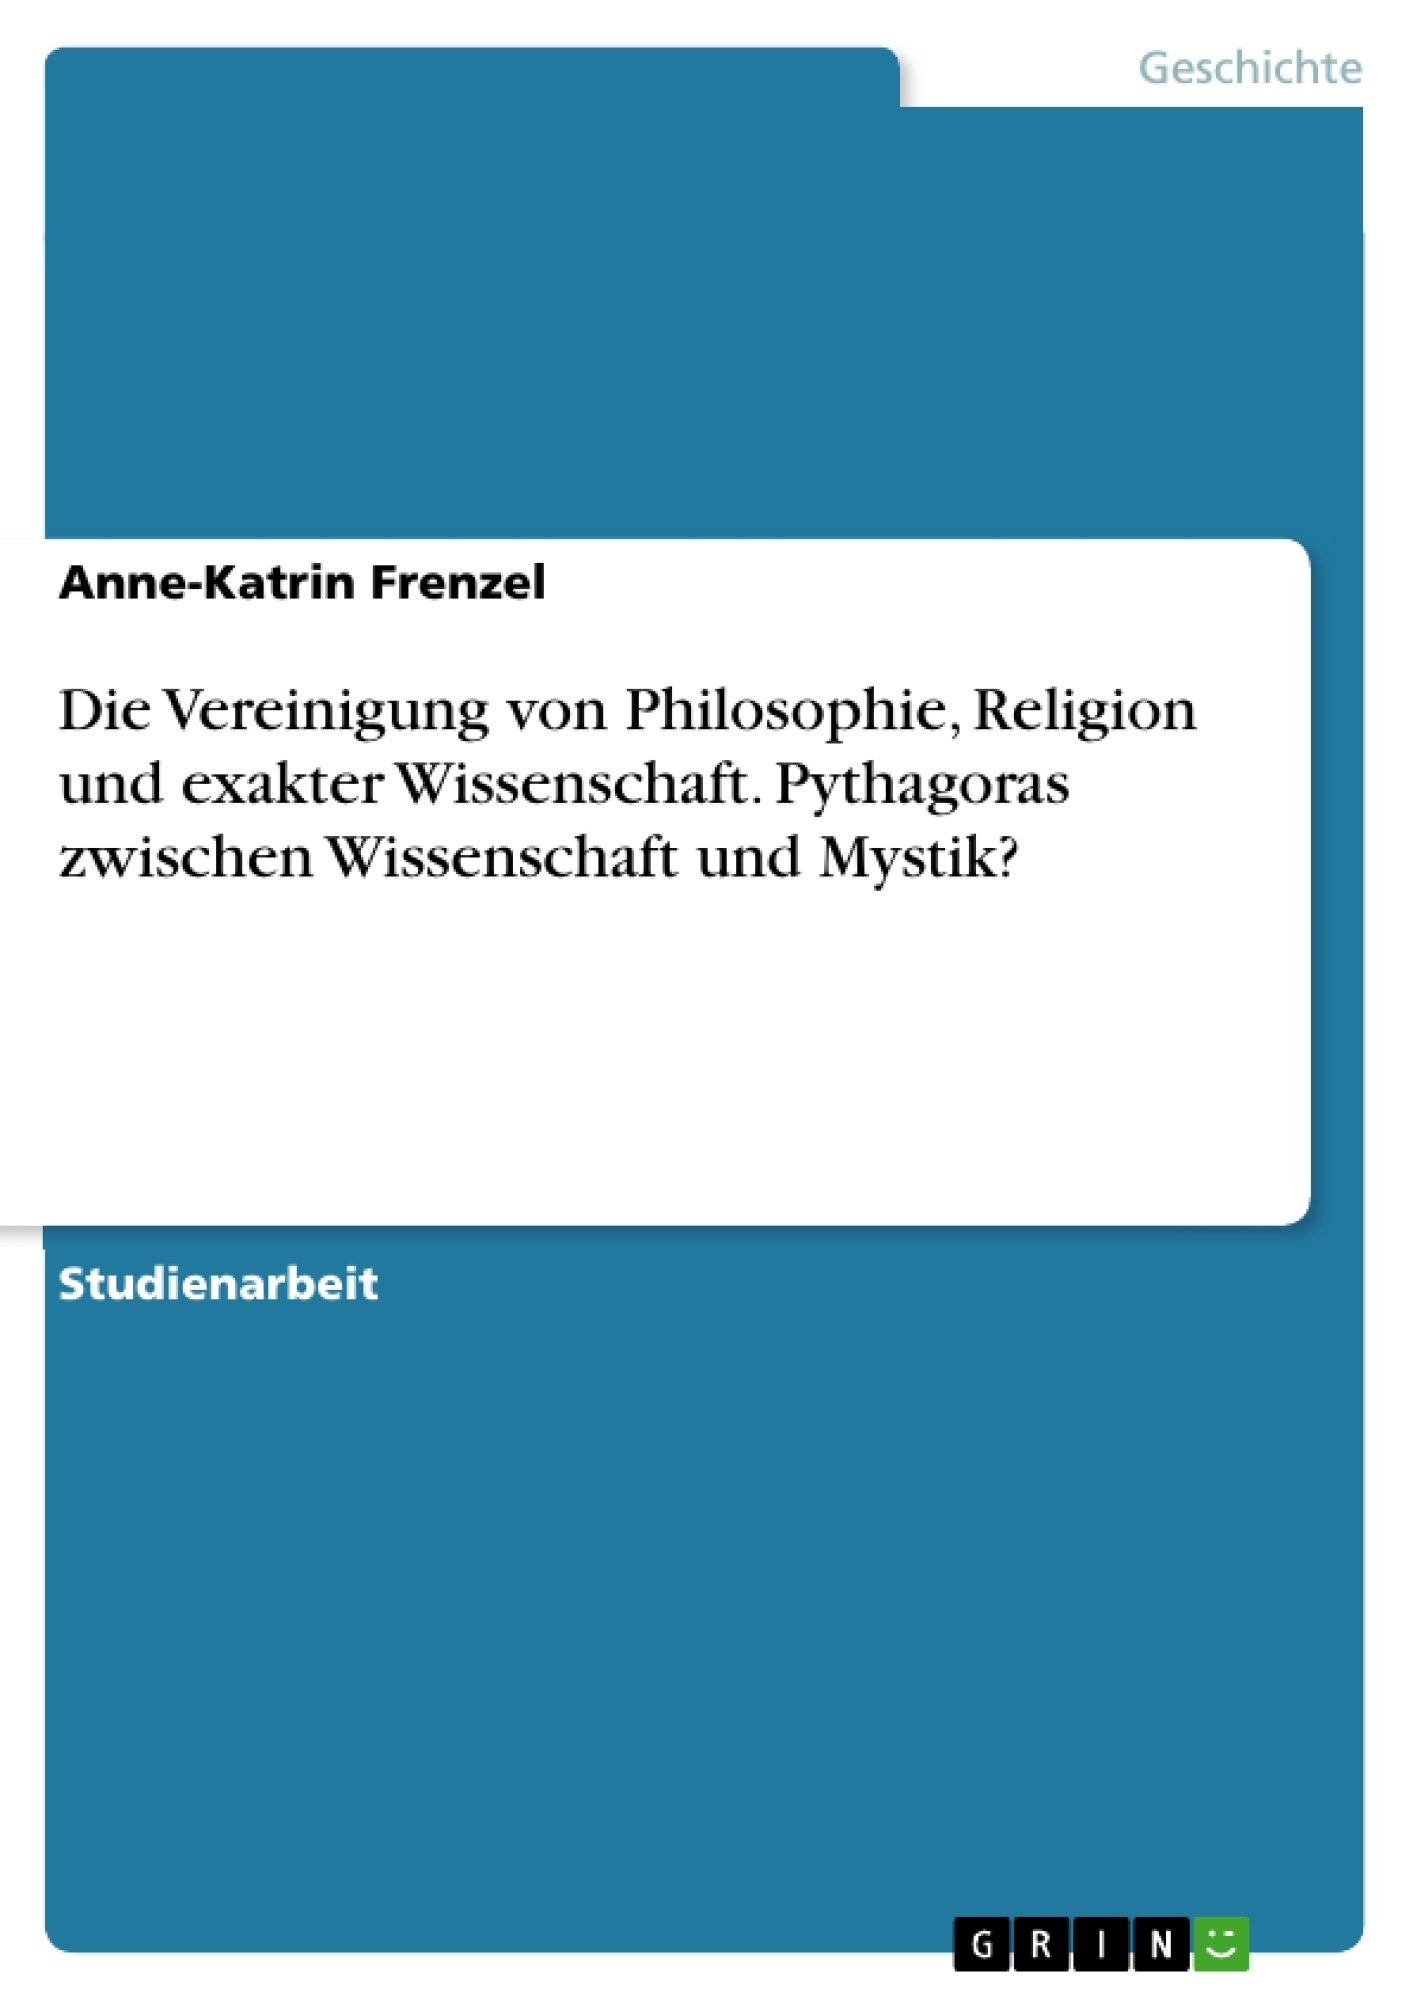 Titel: Die Vereinigung von Philosophie, Religion und exakter Wissenschaft. Pythagoras zwischen Wissenschaft und Mystik?